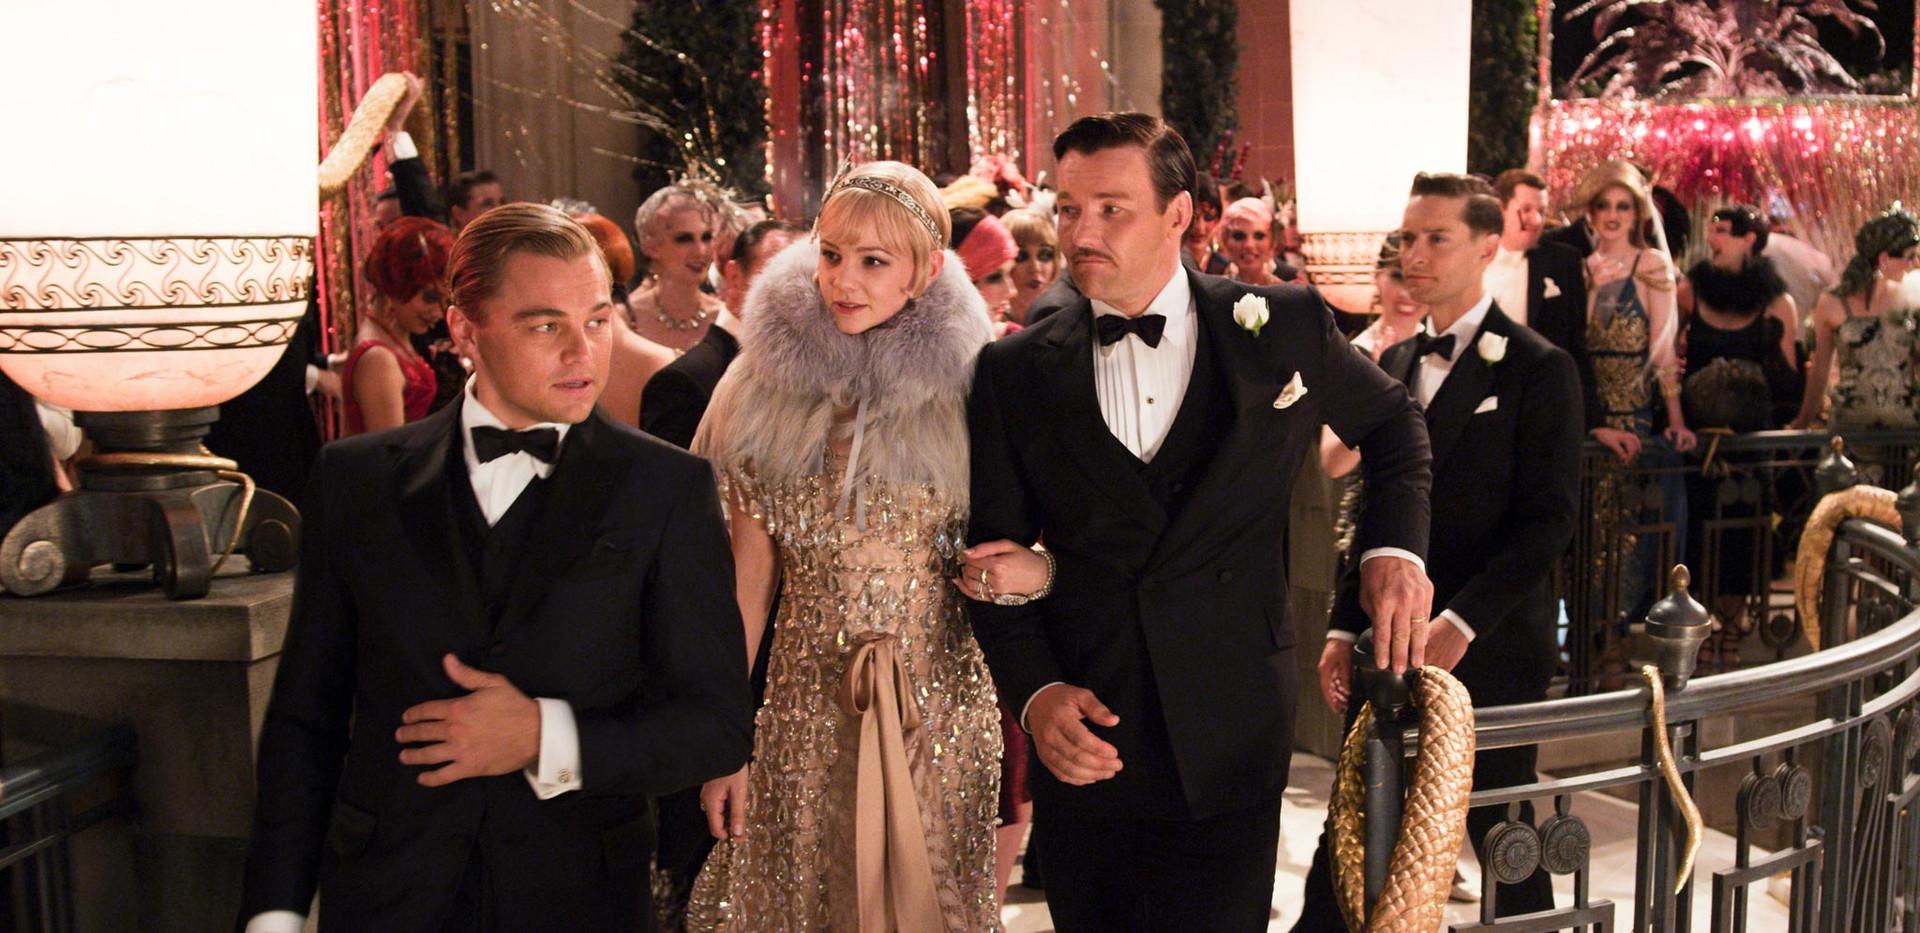 The-Great-Gatsby-Fashion.jpg